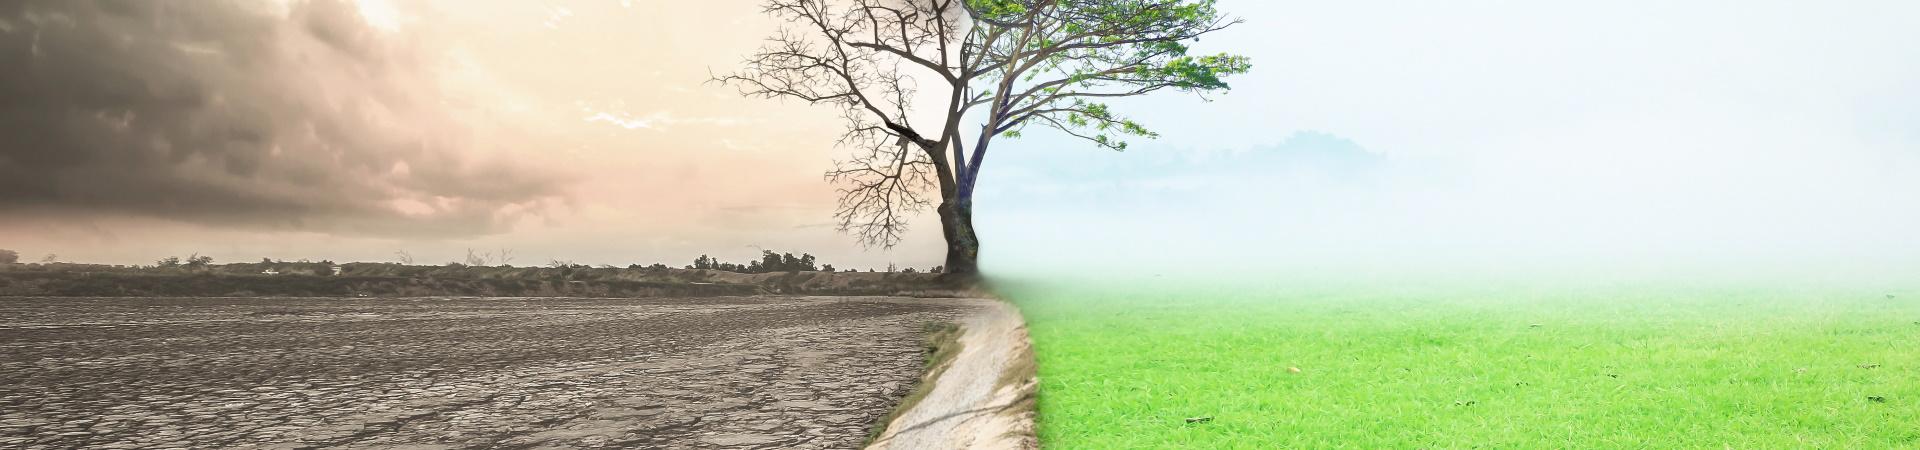 Bodenhilfsstoff für Agrarprofis